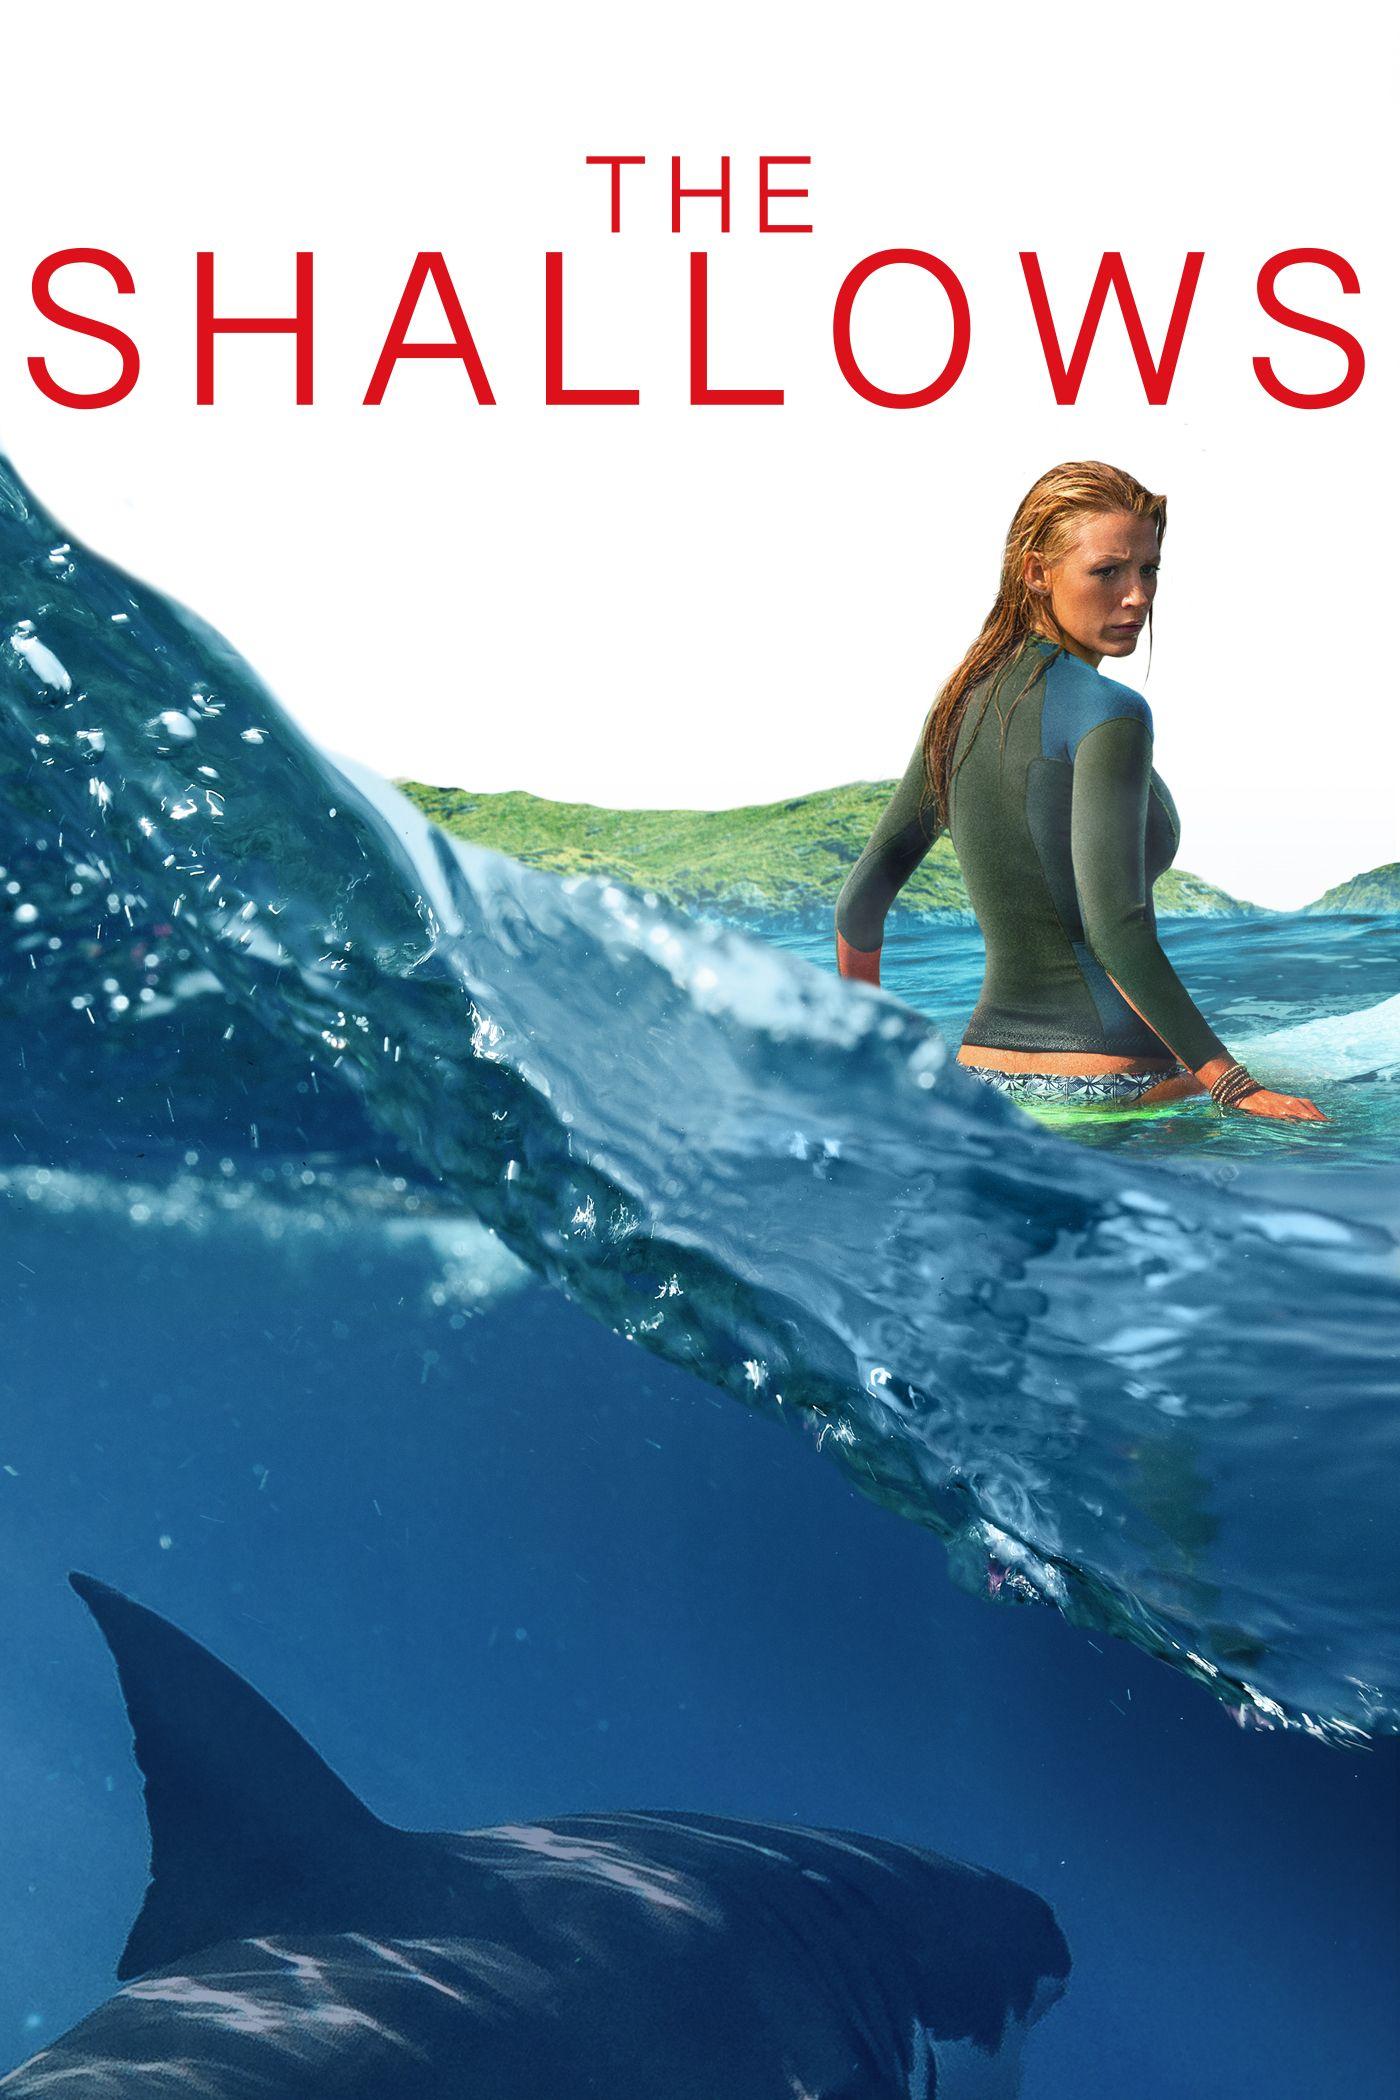 the shallows stream movie2k